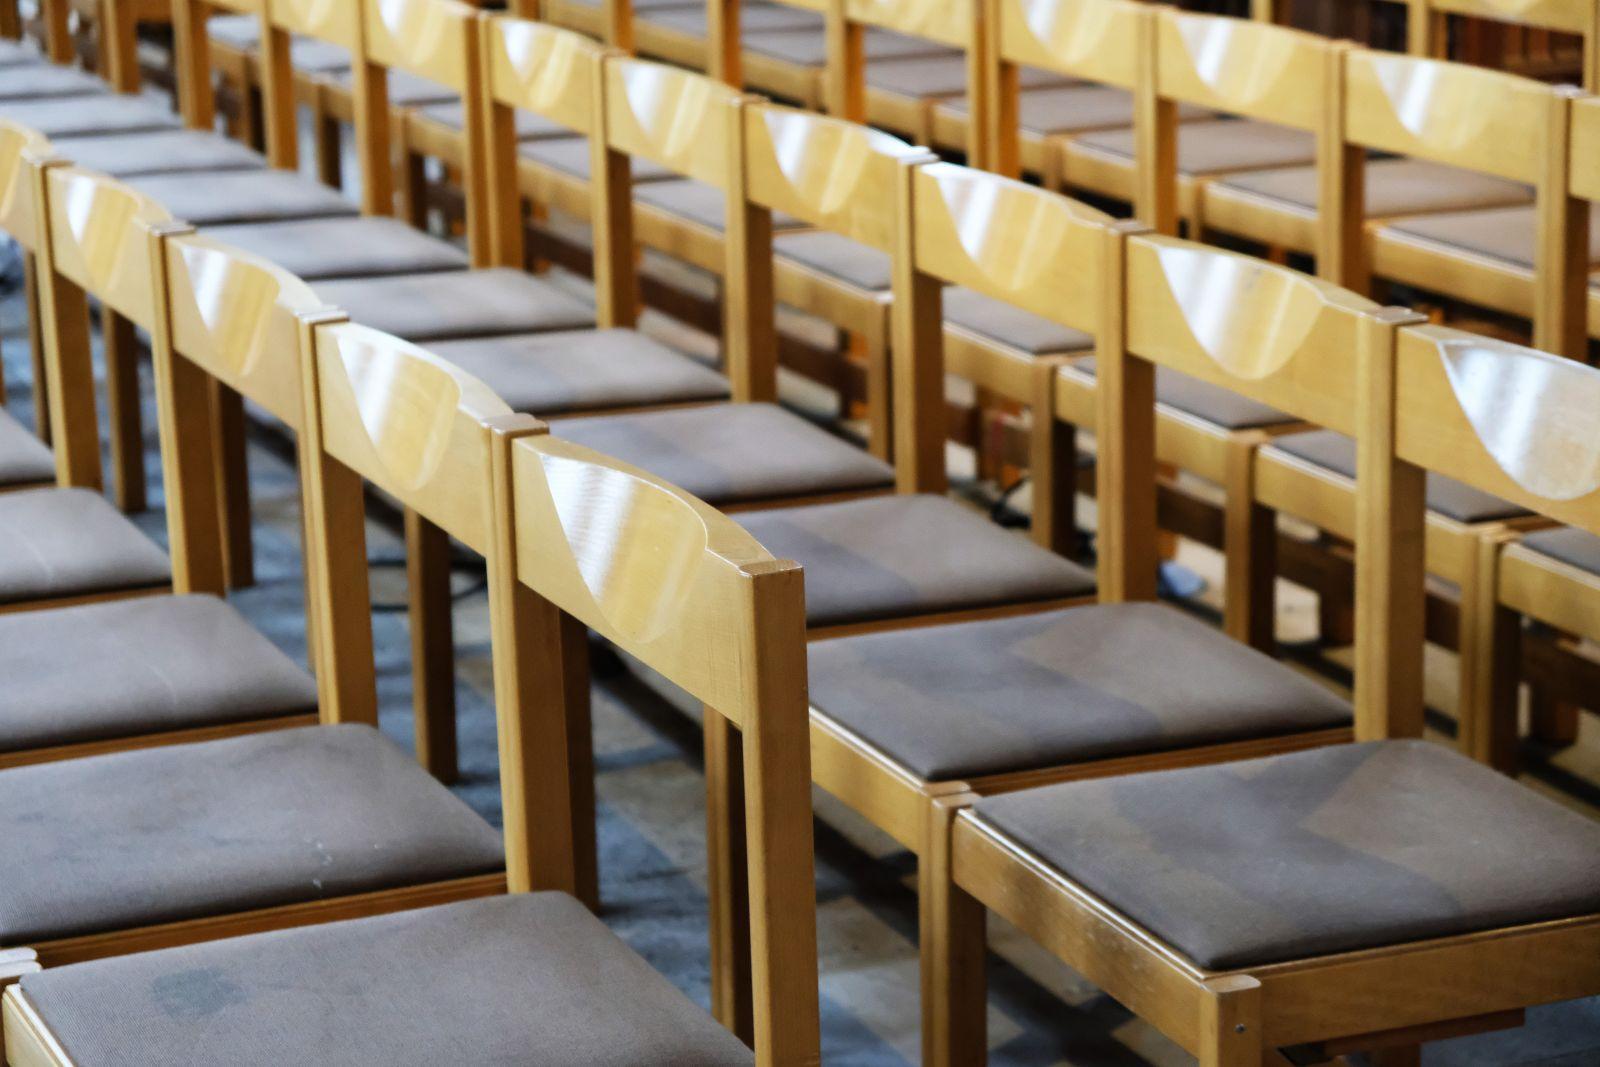 Lauter Holzstühle mit Sitzauflage aus einer Schule oder Uni in Nürnberg